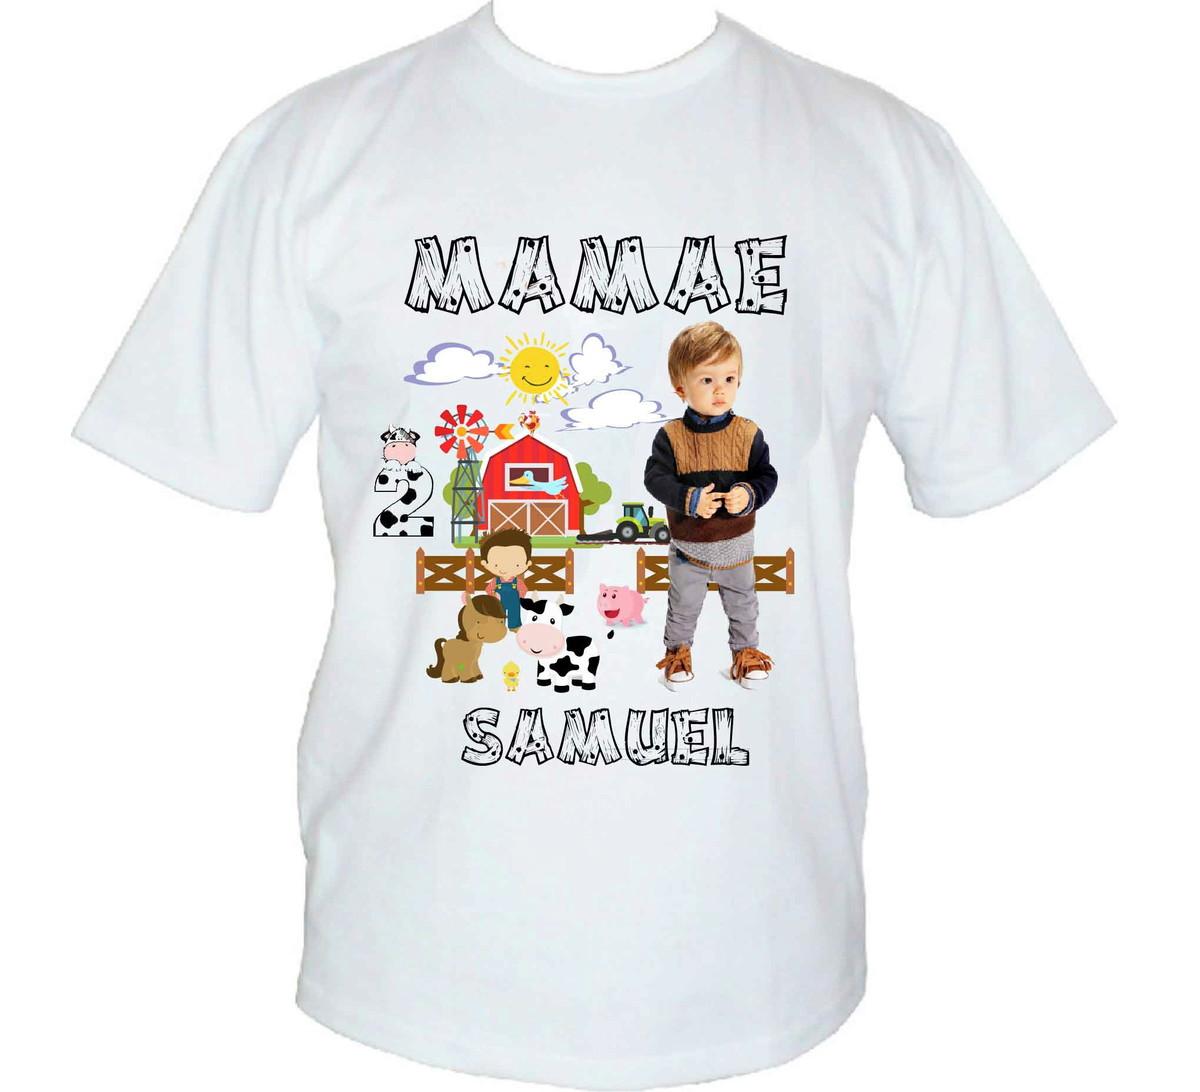 76dcb3ce2 Camisa de Festa personalizada c Foto - Frase - Desenho no Elo7 ...